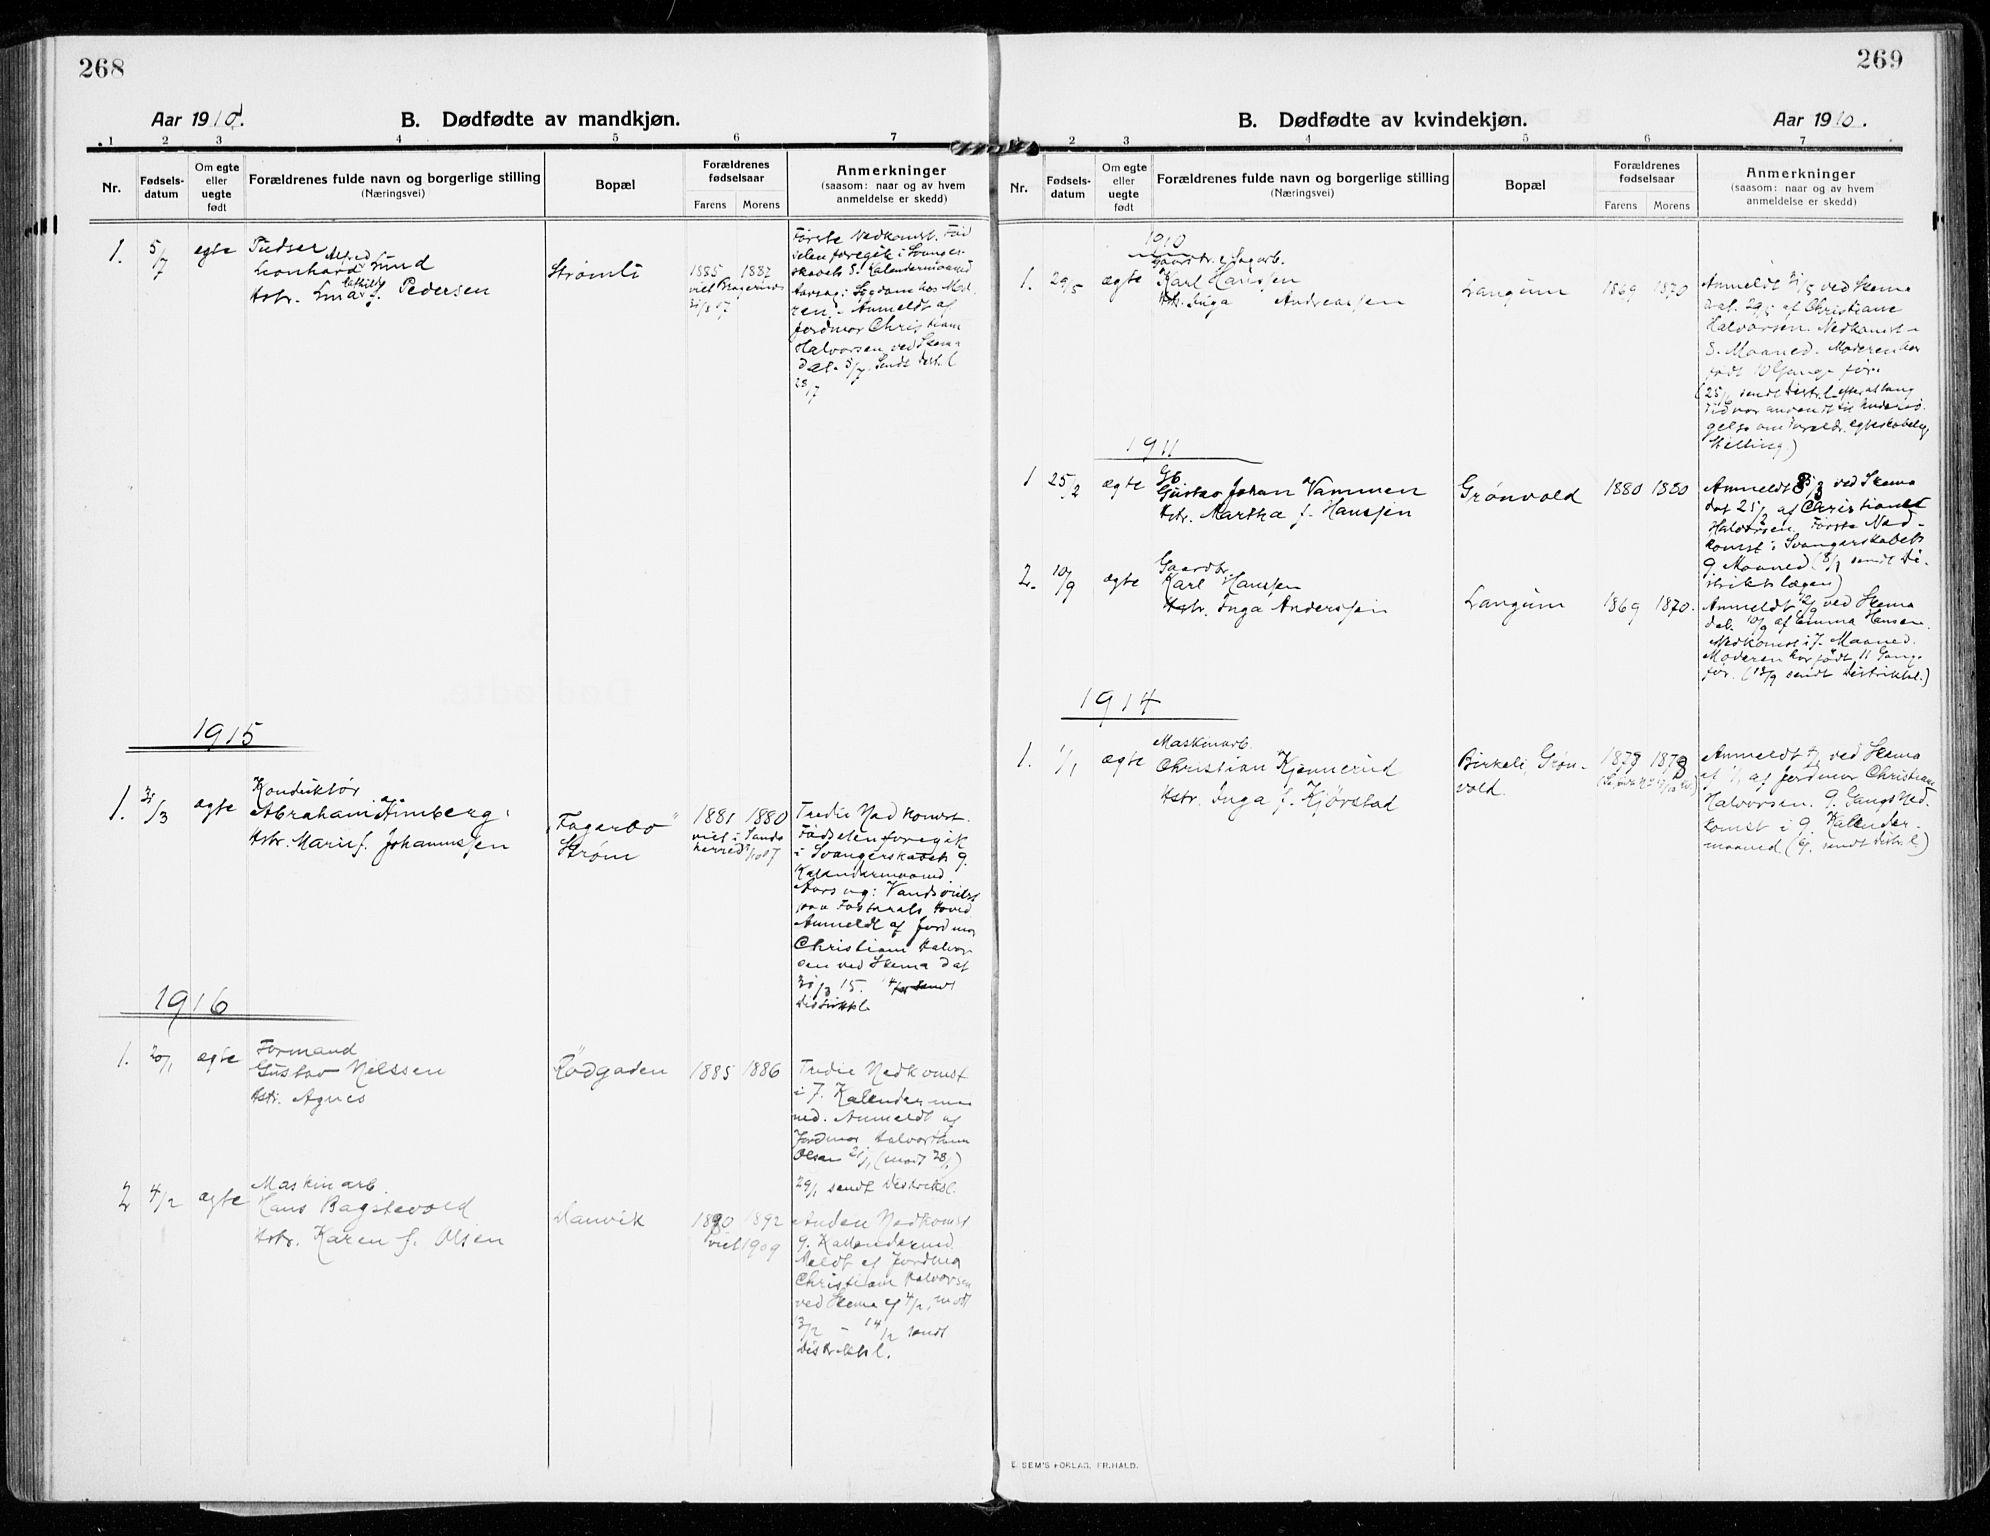 SAKO, Strømsgodset kirkebøker, F/Fa/L0002: Ministerialbok nr. 2, 1910-1920, s. 268-269